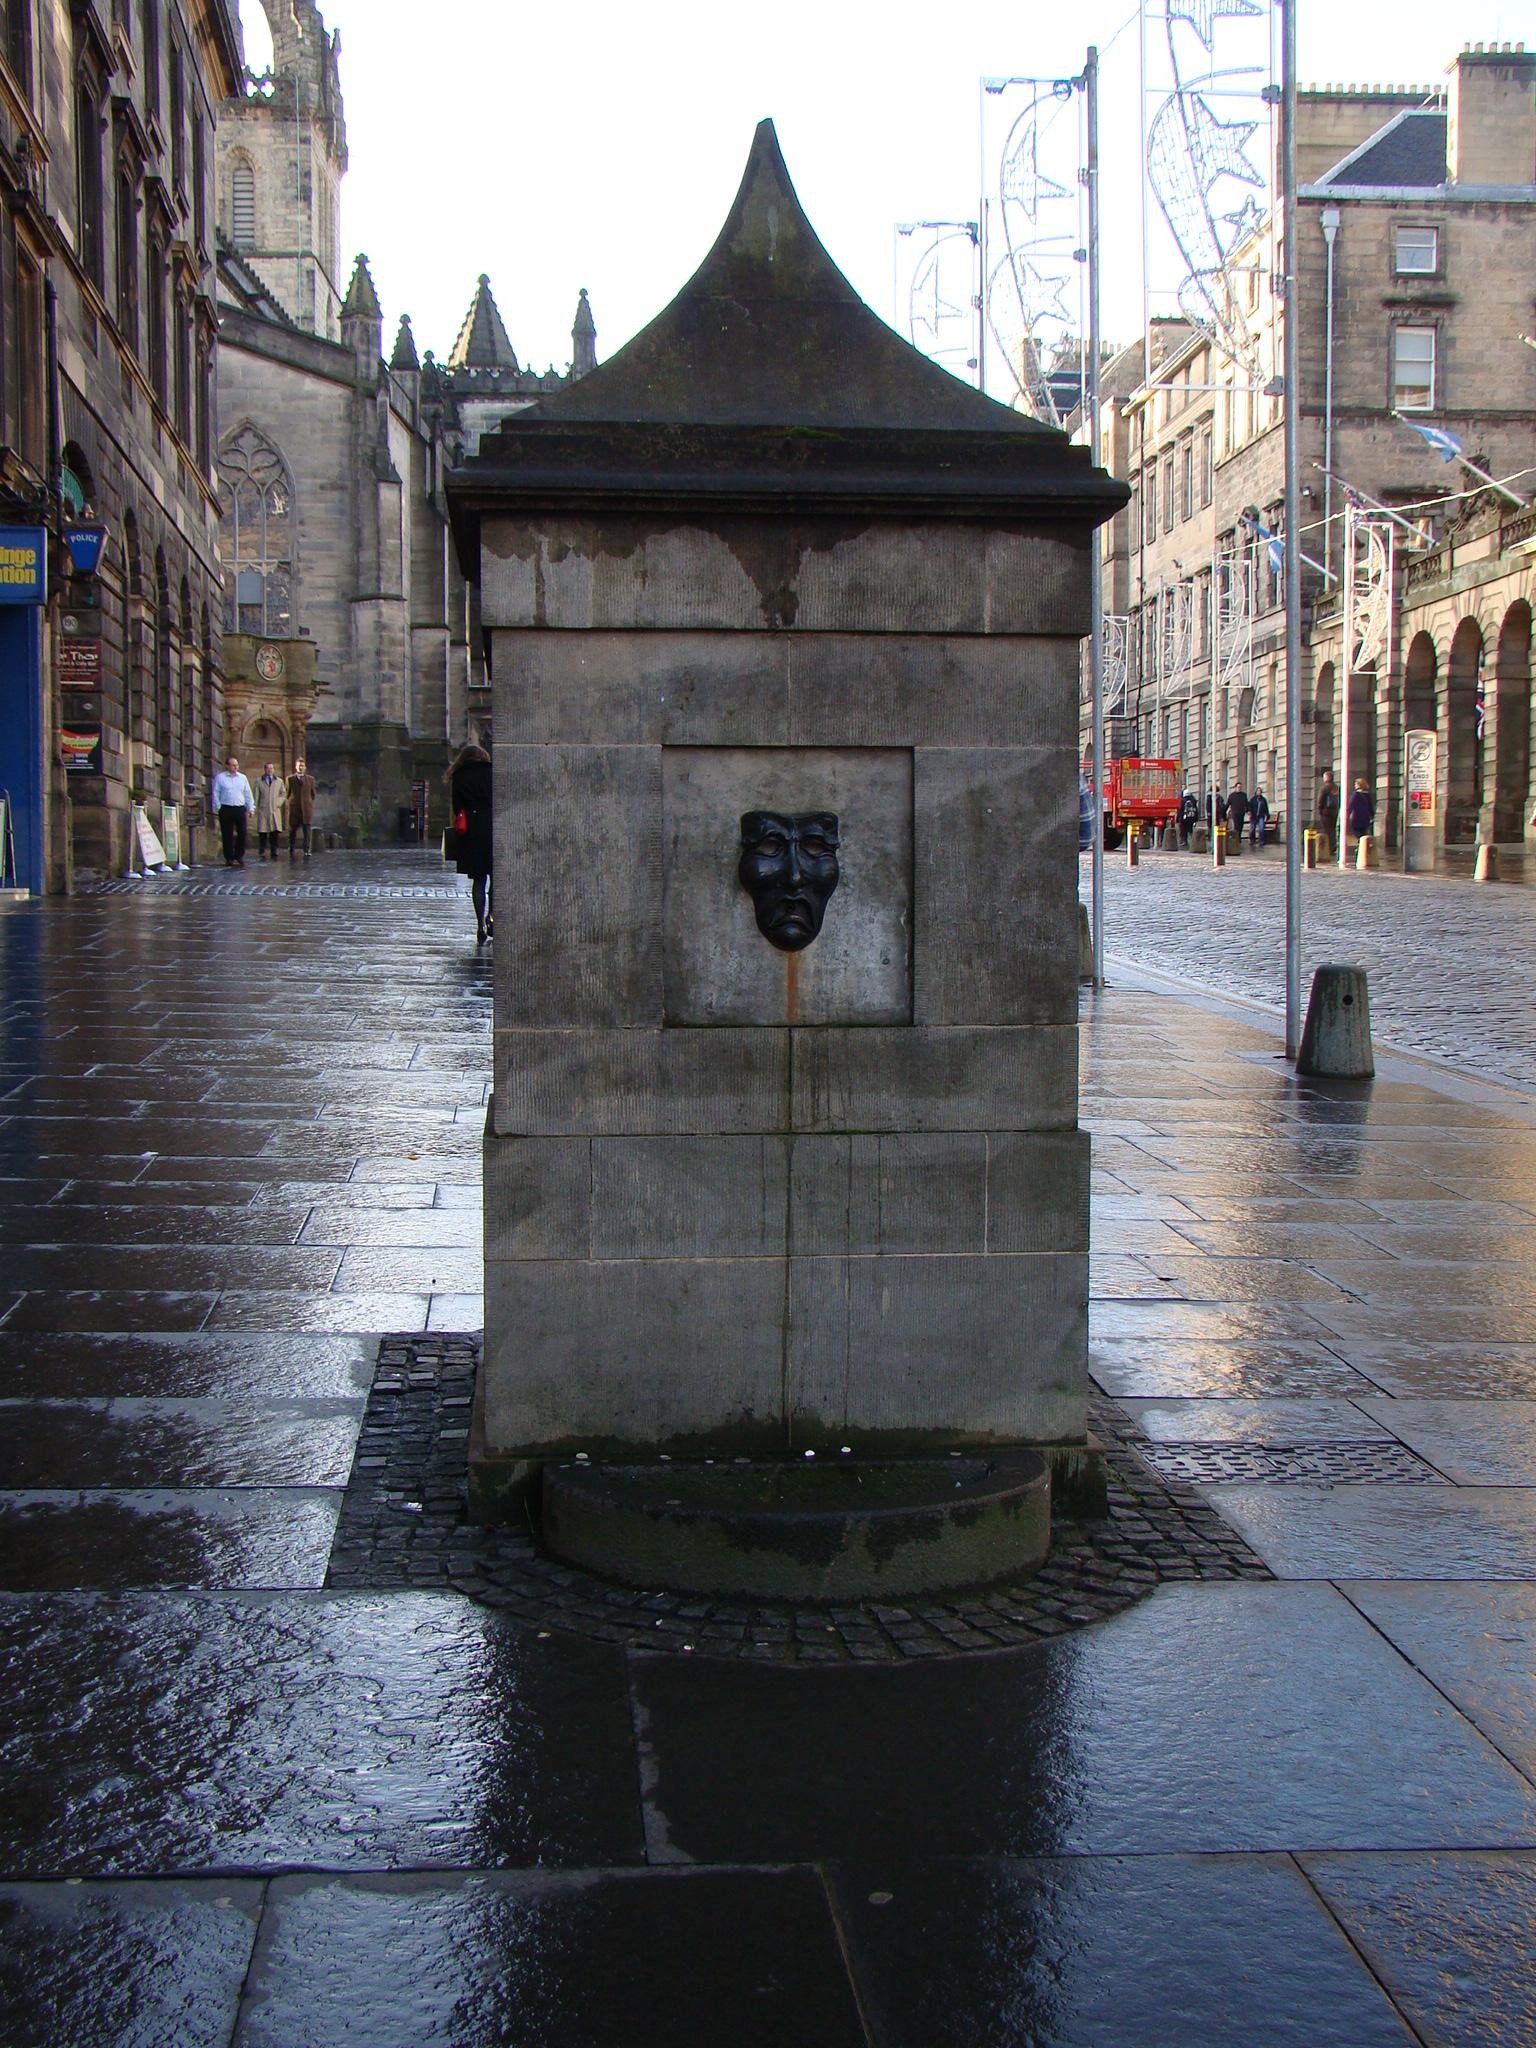 Fonte de máscaras - Edimburgo